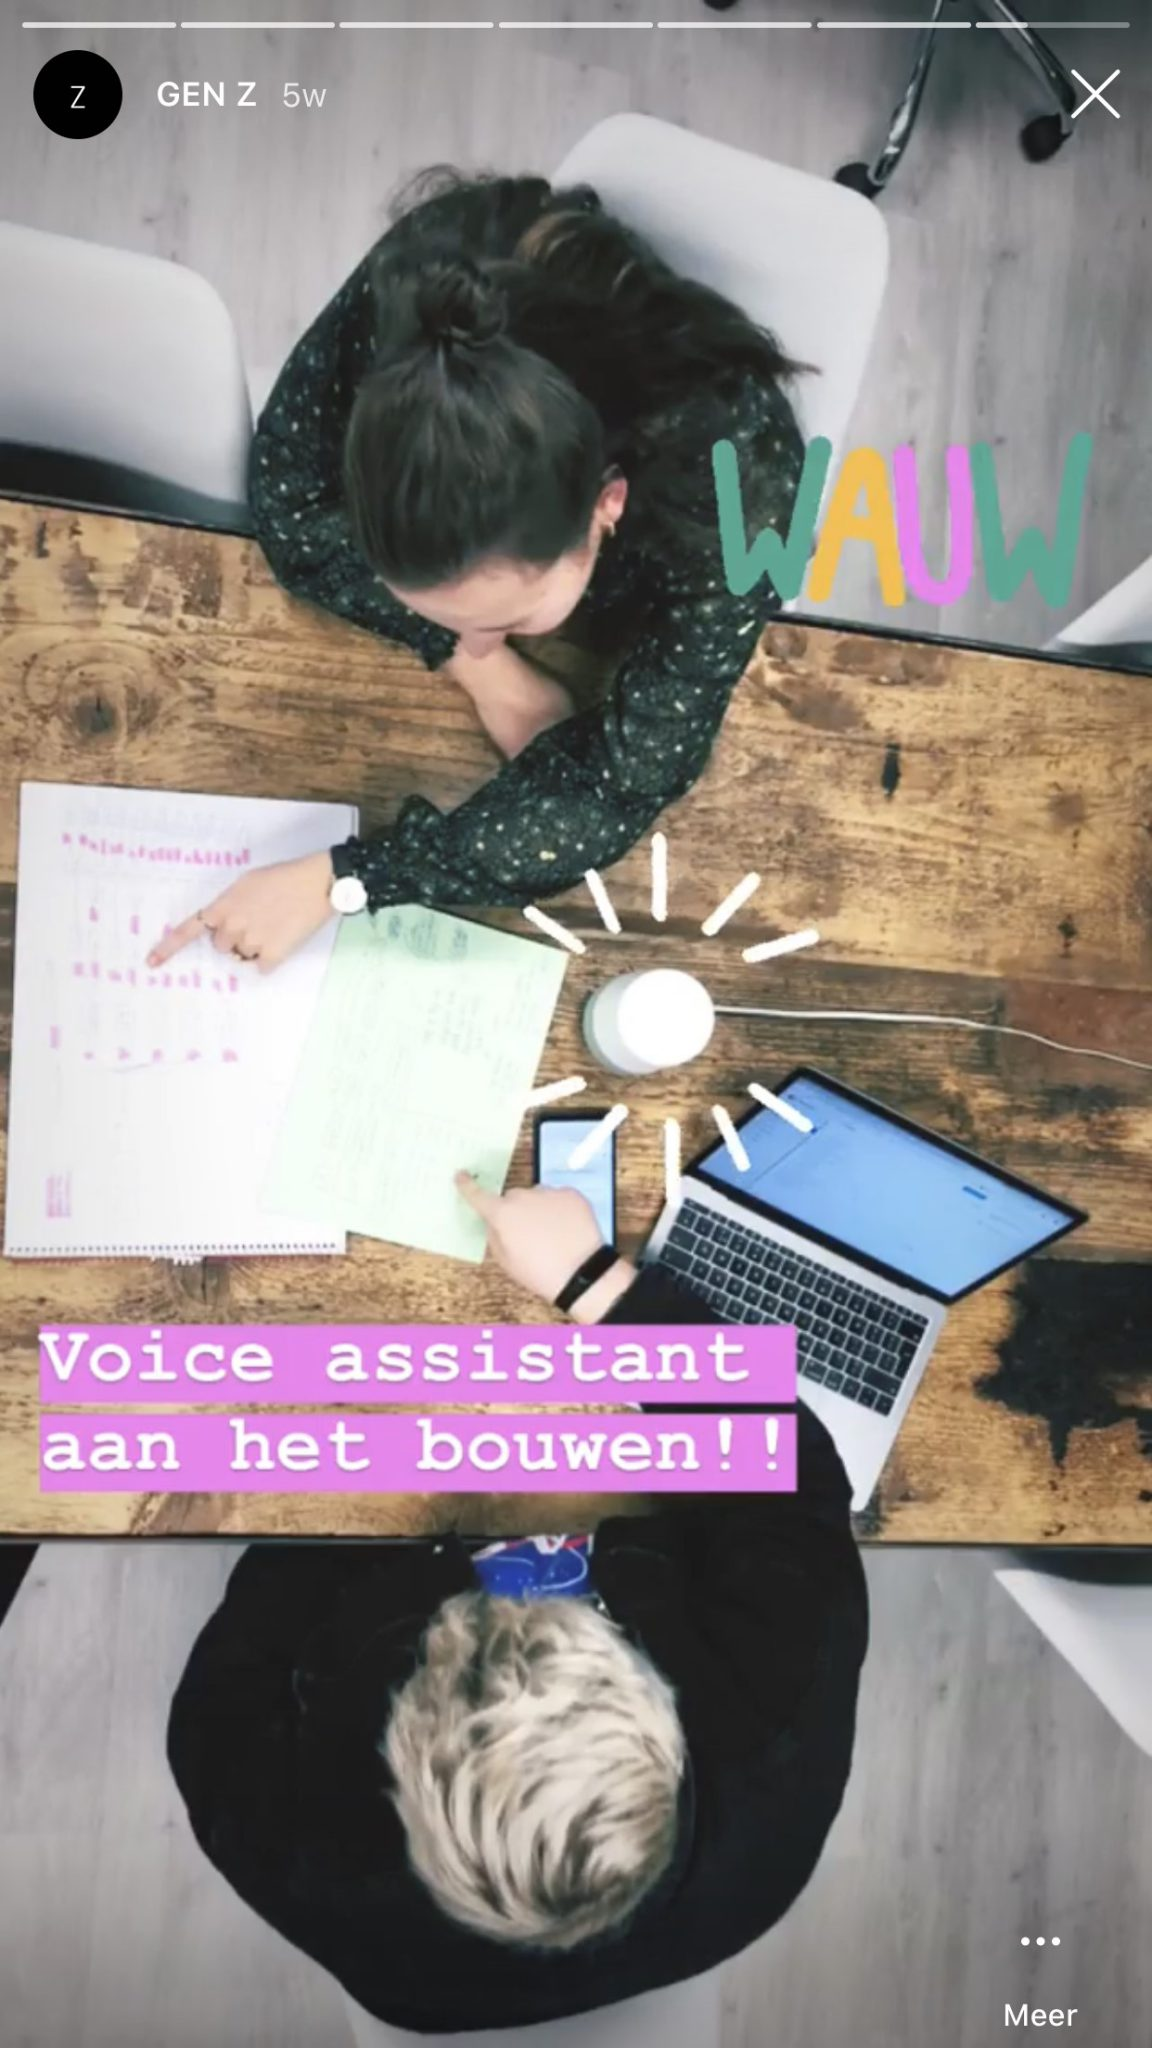 voice assistant bouwen